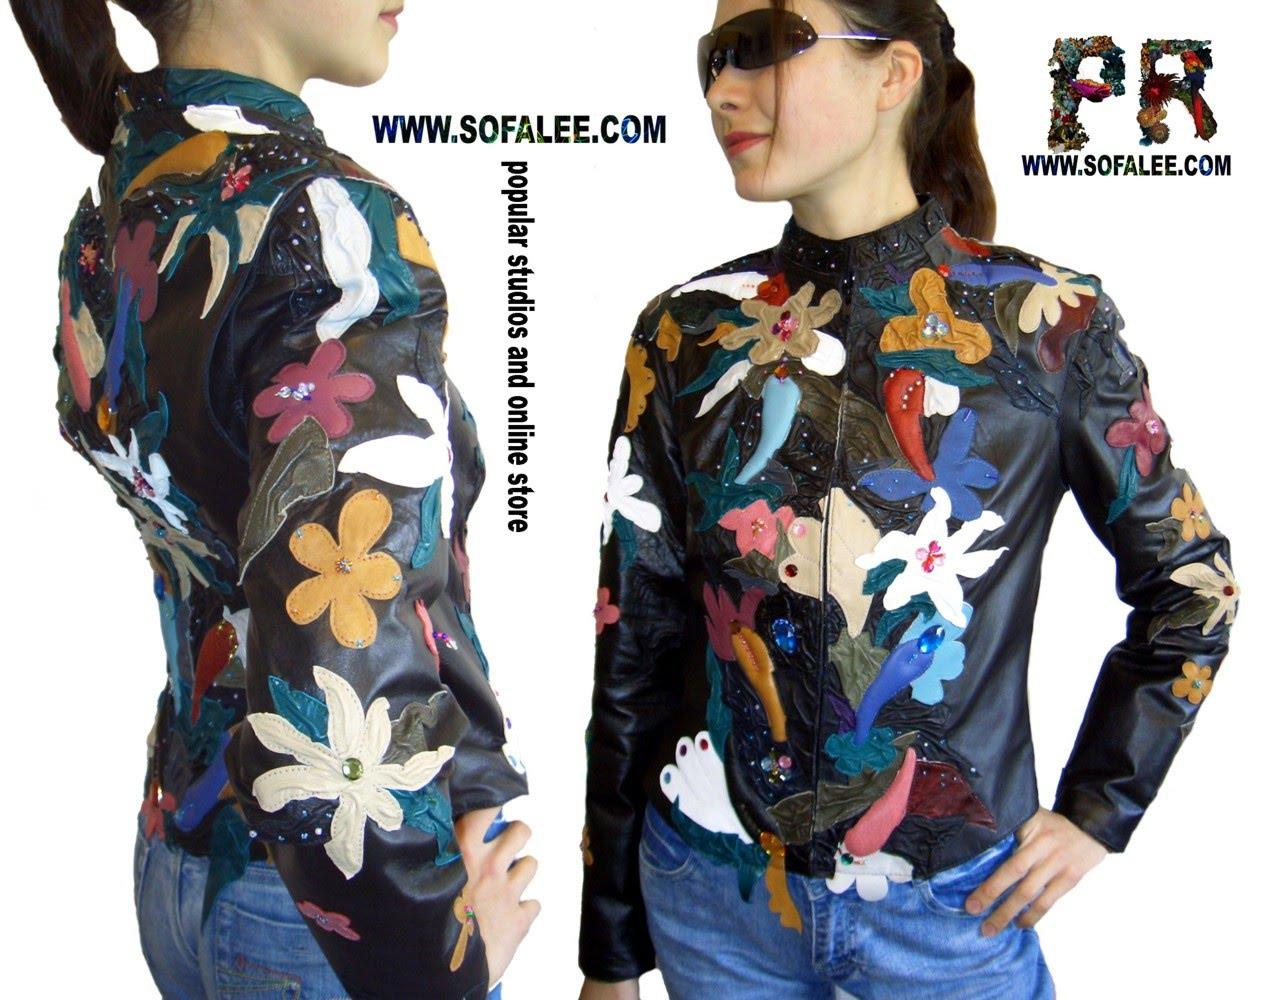 https://sites.google.com/a/sofalee.com/handmade-leather-jacets/jackets-collection/%D0%9A%D1%83%D1%80%D1%82%D0%BA%D0%B0%20%D0%B2%20%D1%86%D0%B2%D0%B5%D1%82%D0%B0%D1%85%201.jpg?attredirects=0